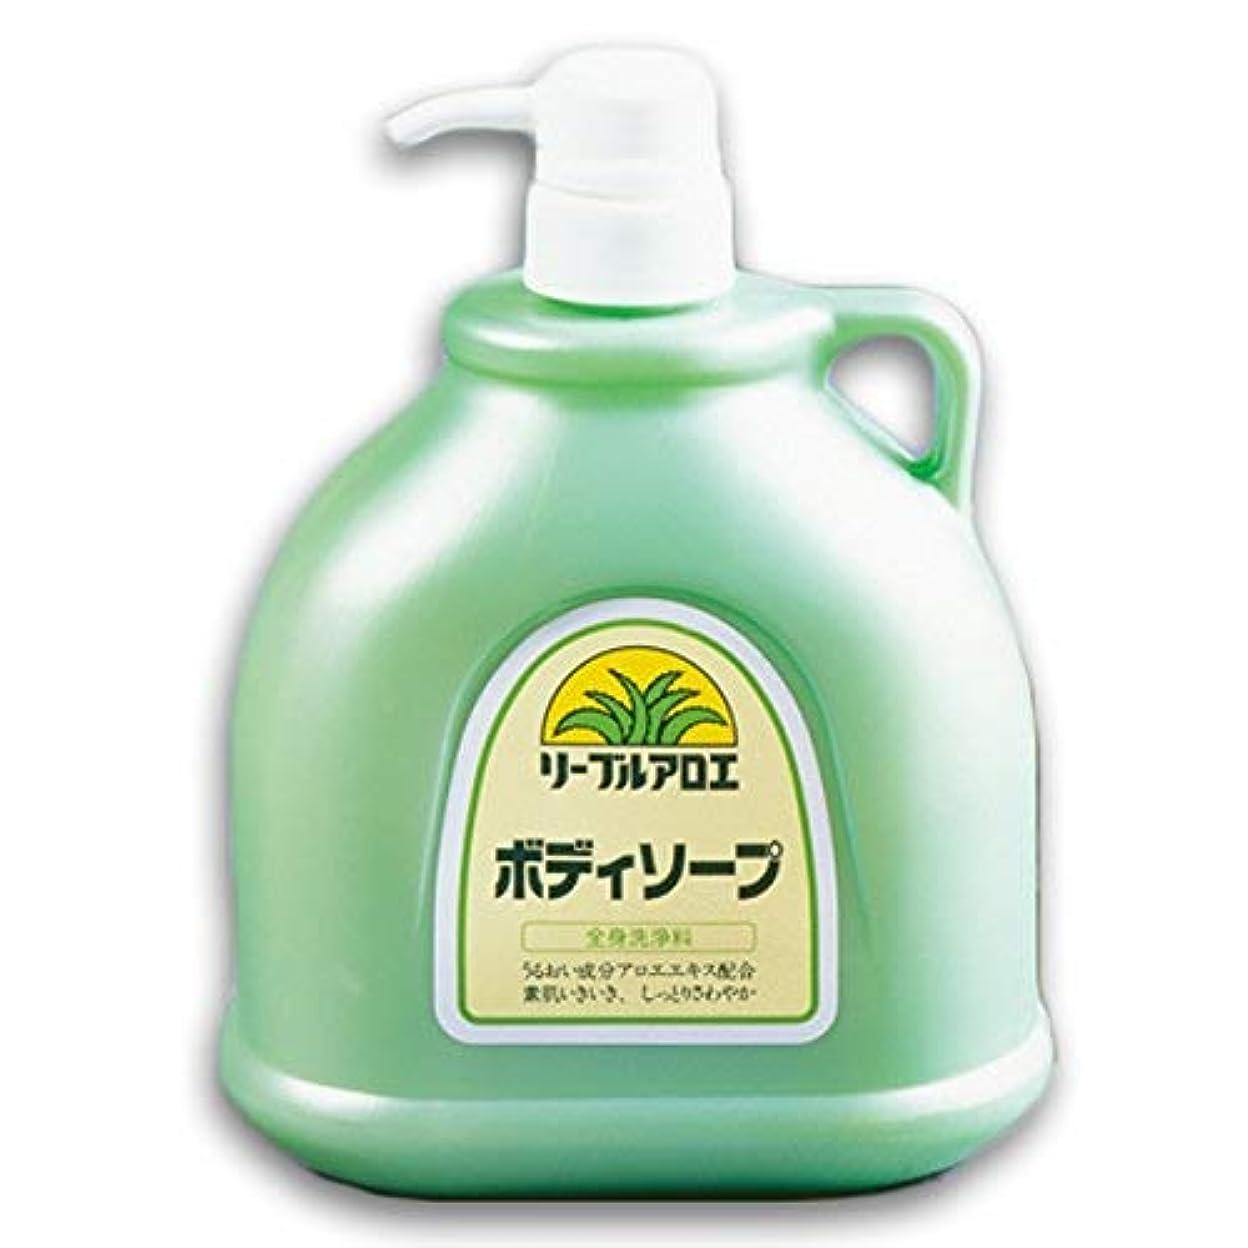 対処敷居発揮する全身洗浄料リーブルアロエボディーソープ